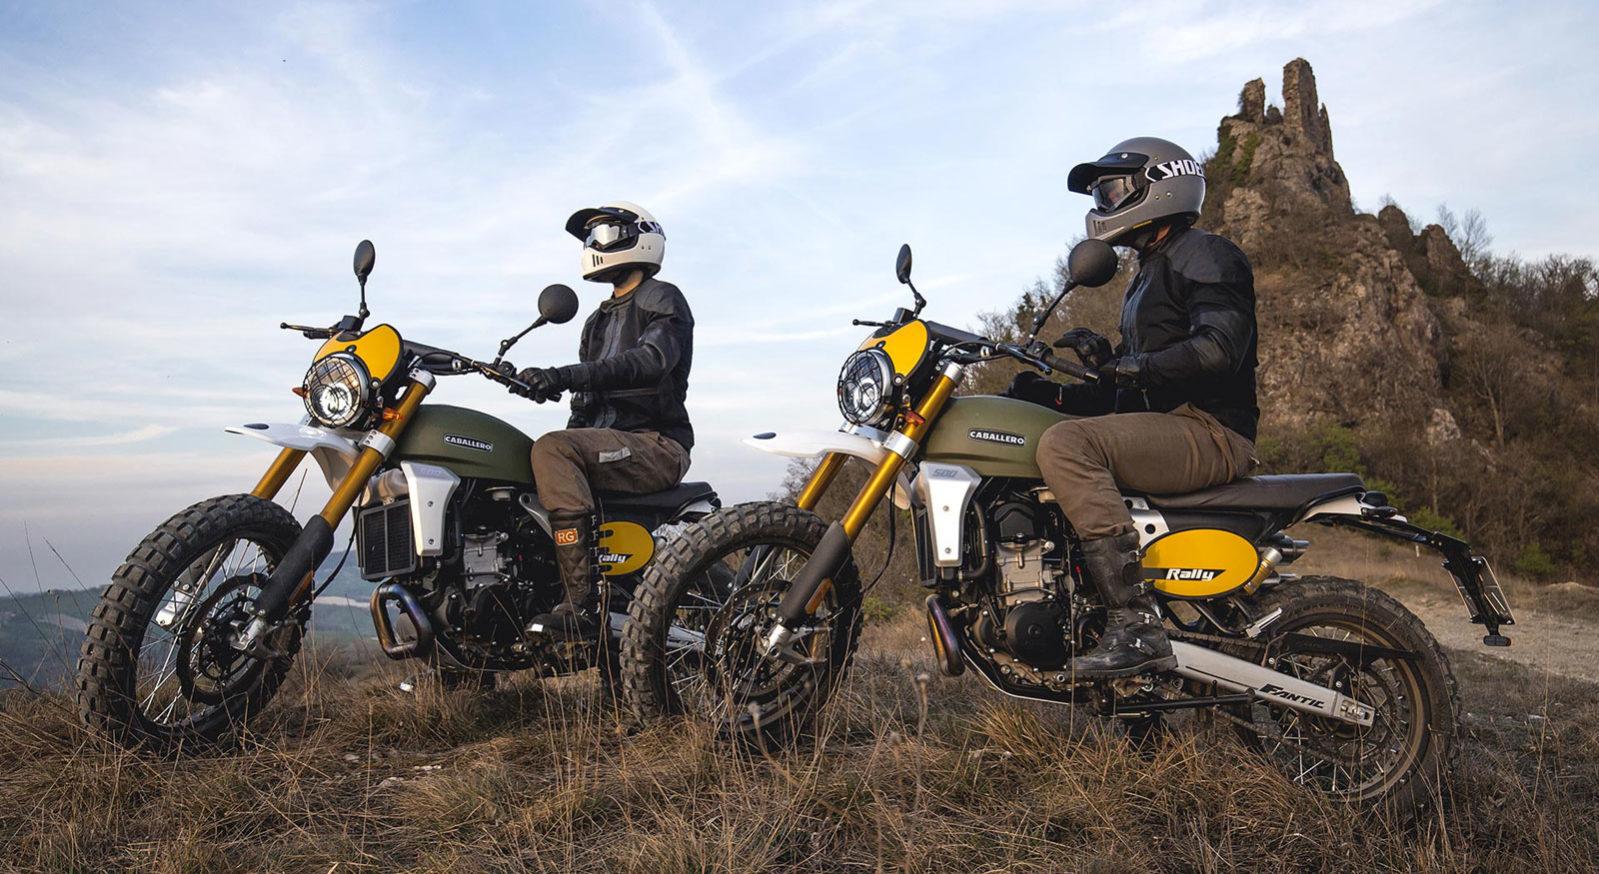 Fantic Caballero - Motos Rally 500cc tout terrain